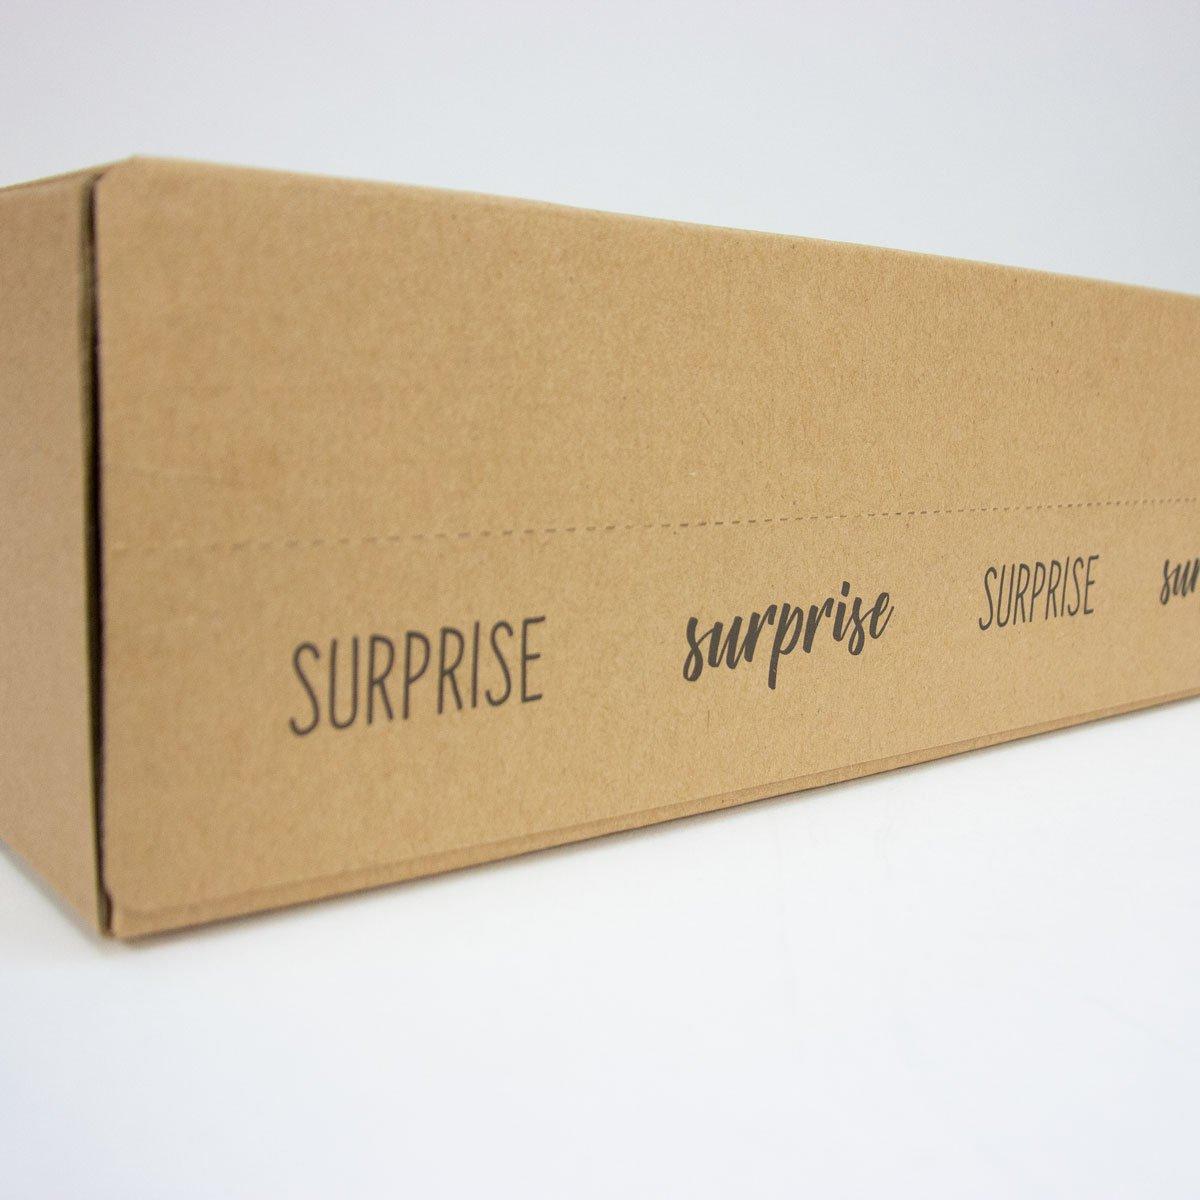 Verzenddozen met retourstrip - Surprise